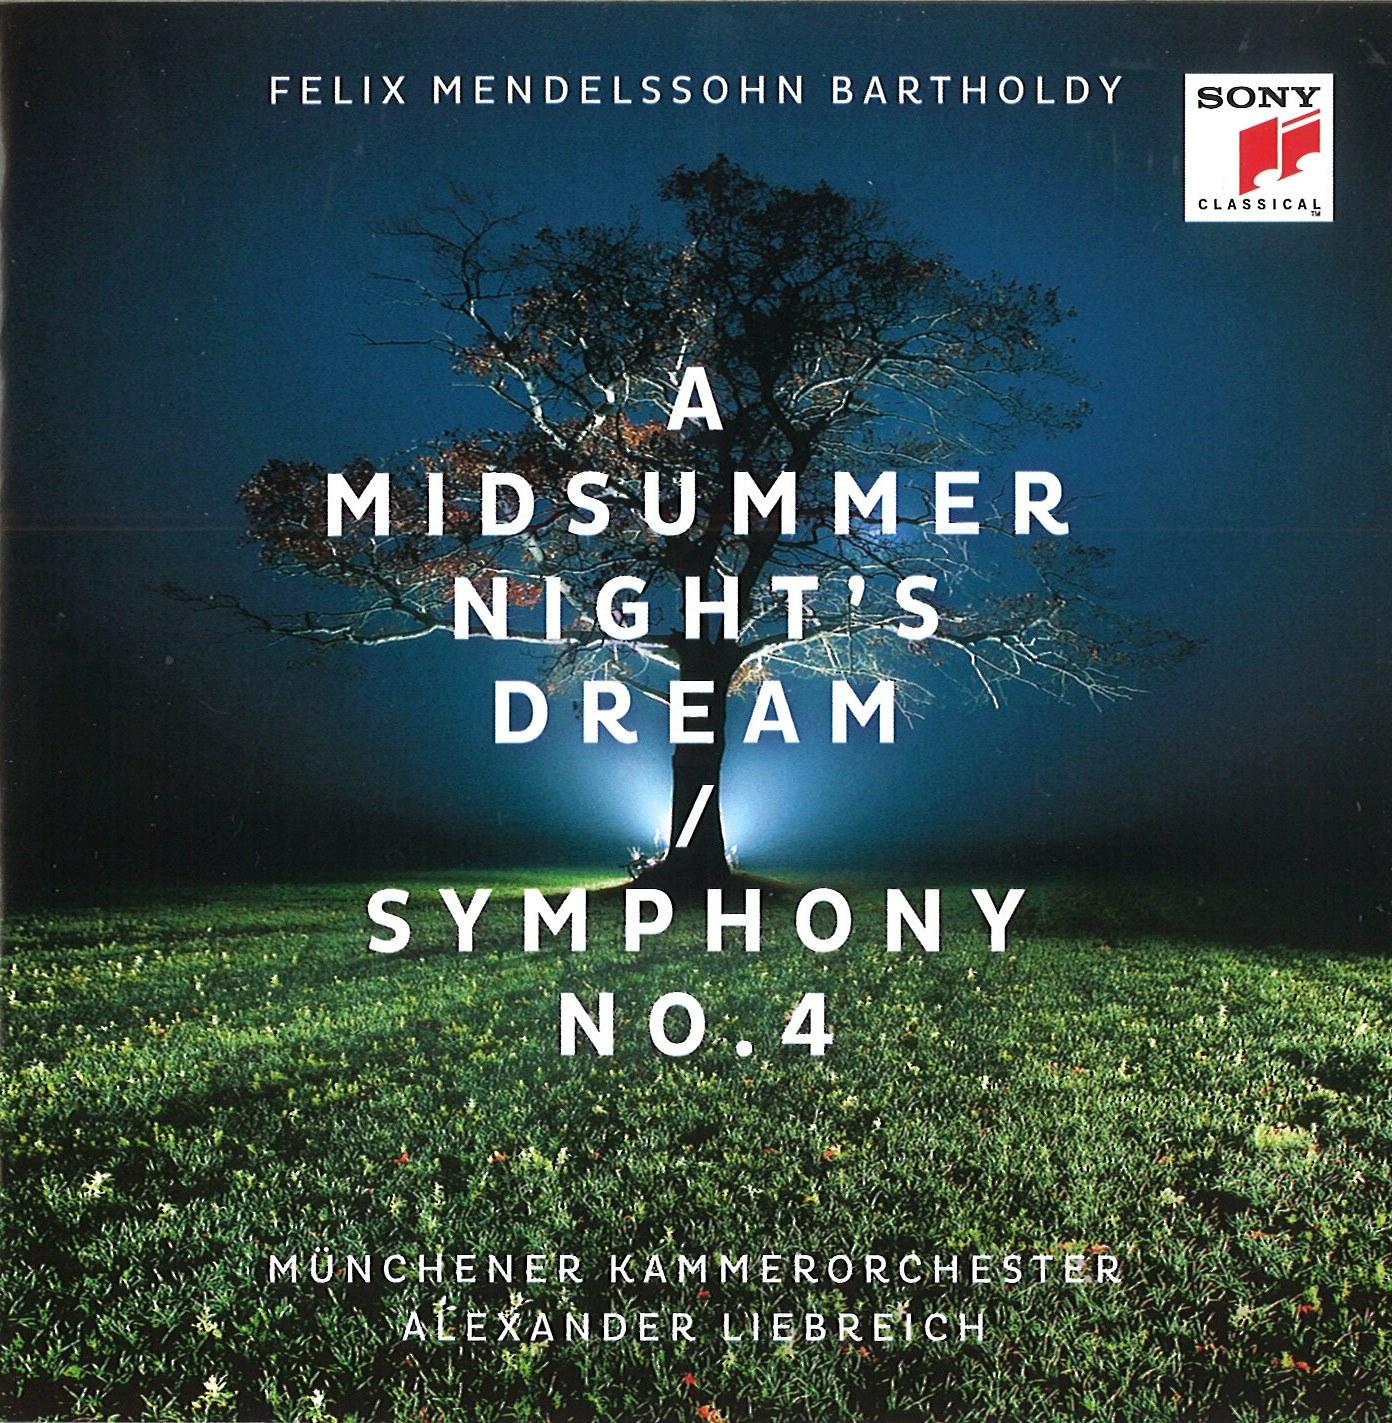 Sony_Mendelssohn_Cover